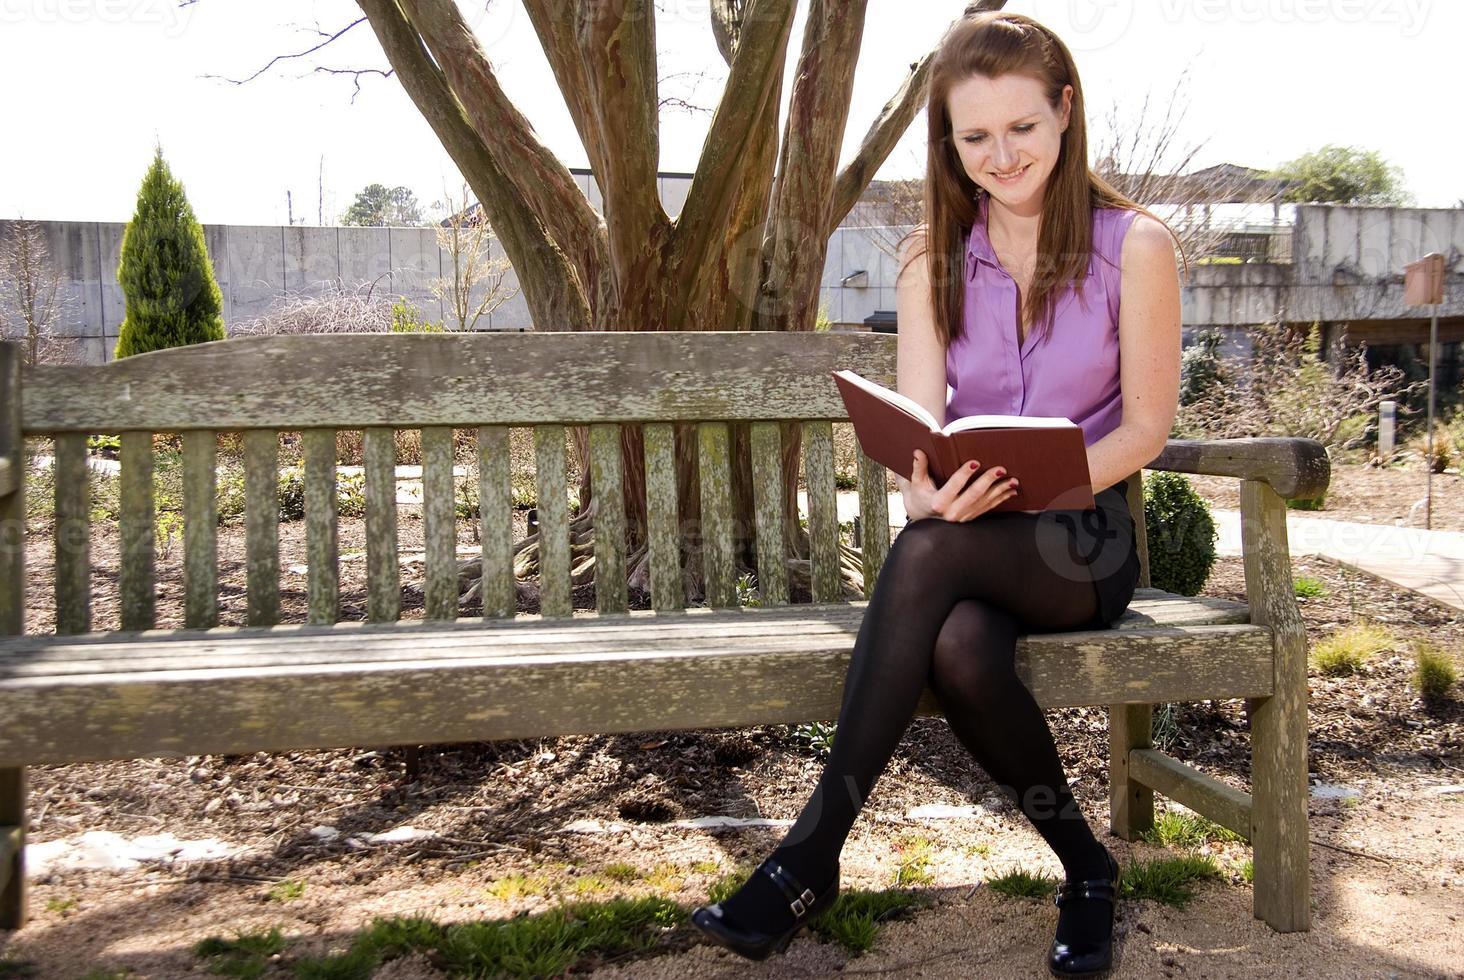 femme lisant un livre photo